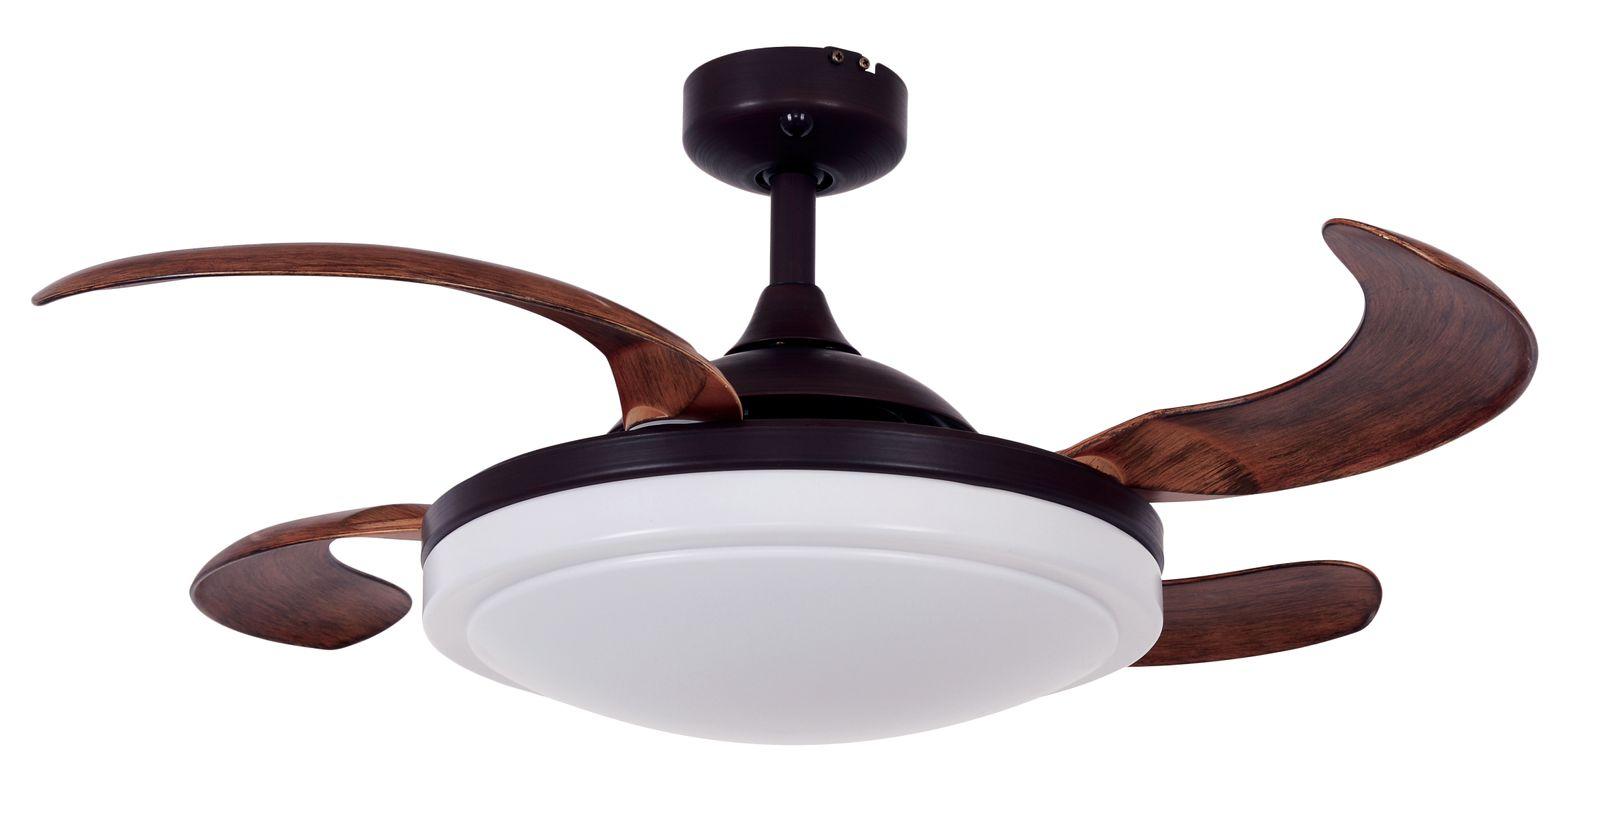 Ceiling fan fanaway evora bronze with light and remote ceiling fans ceiling fan fanaway evora bronze with light and remote aloadofball Image collections